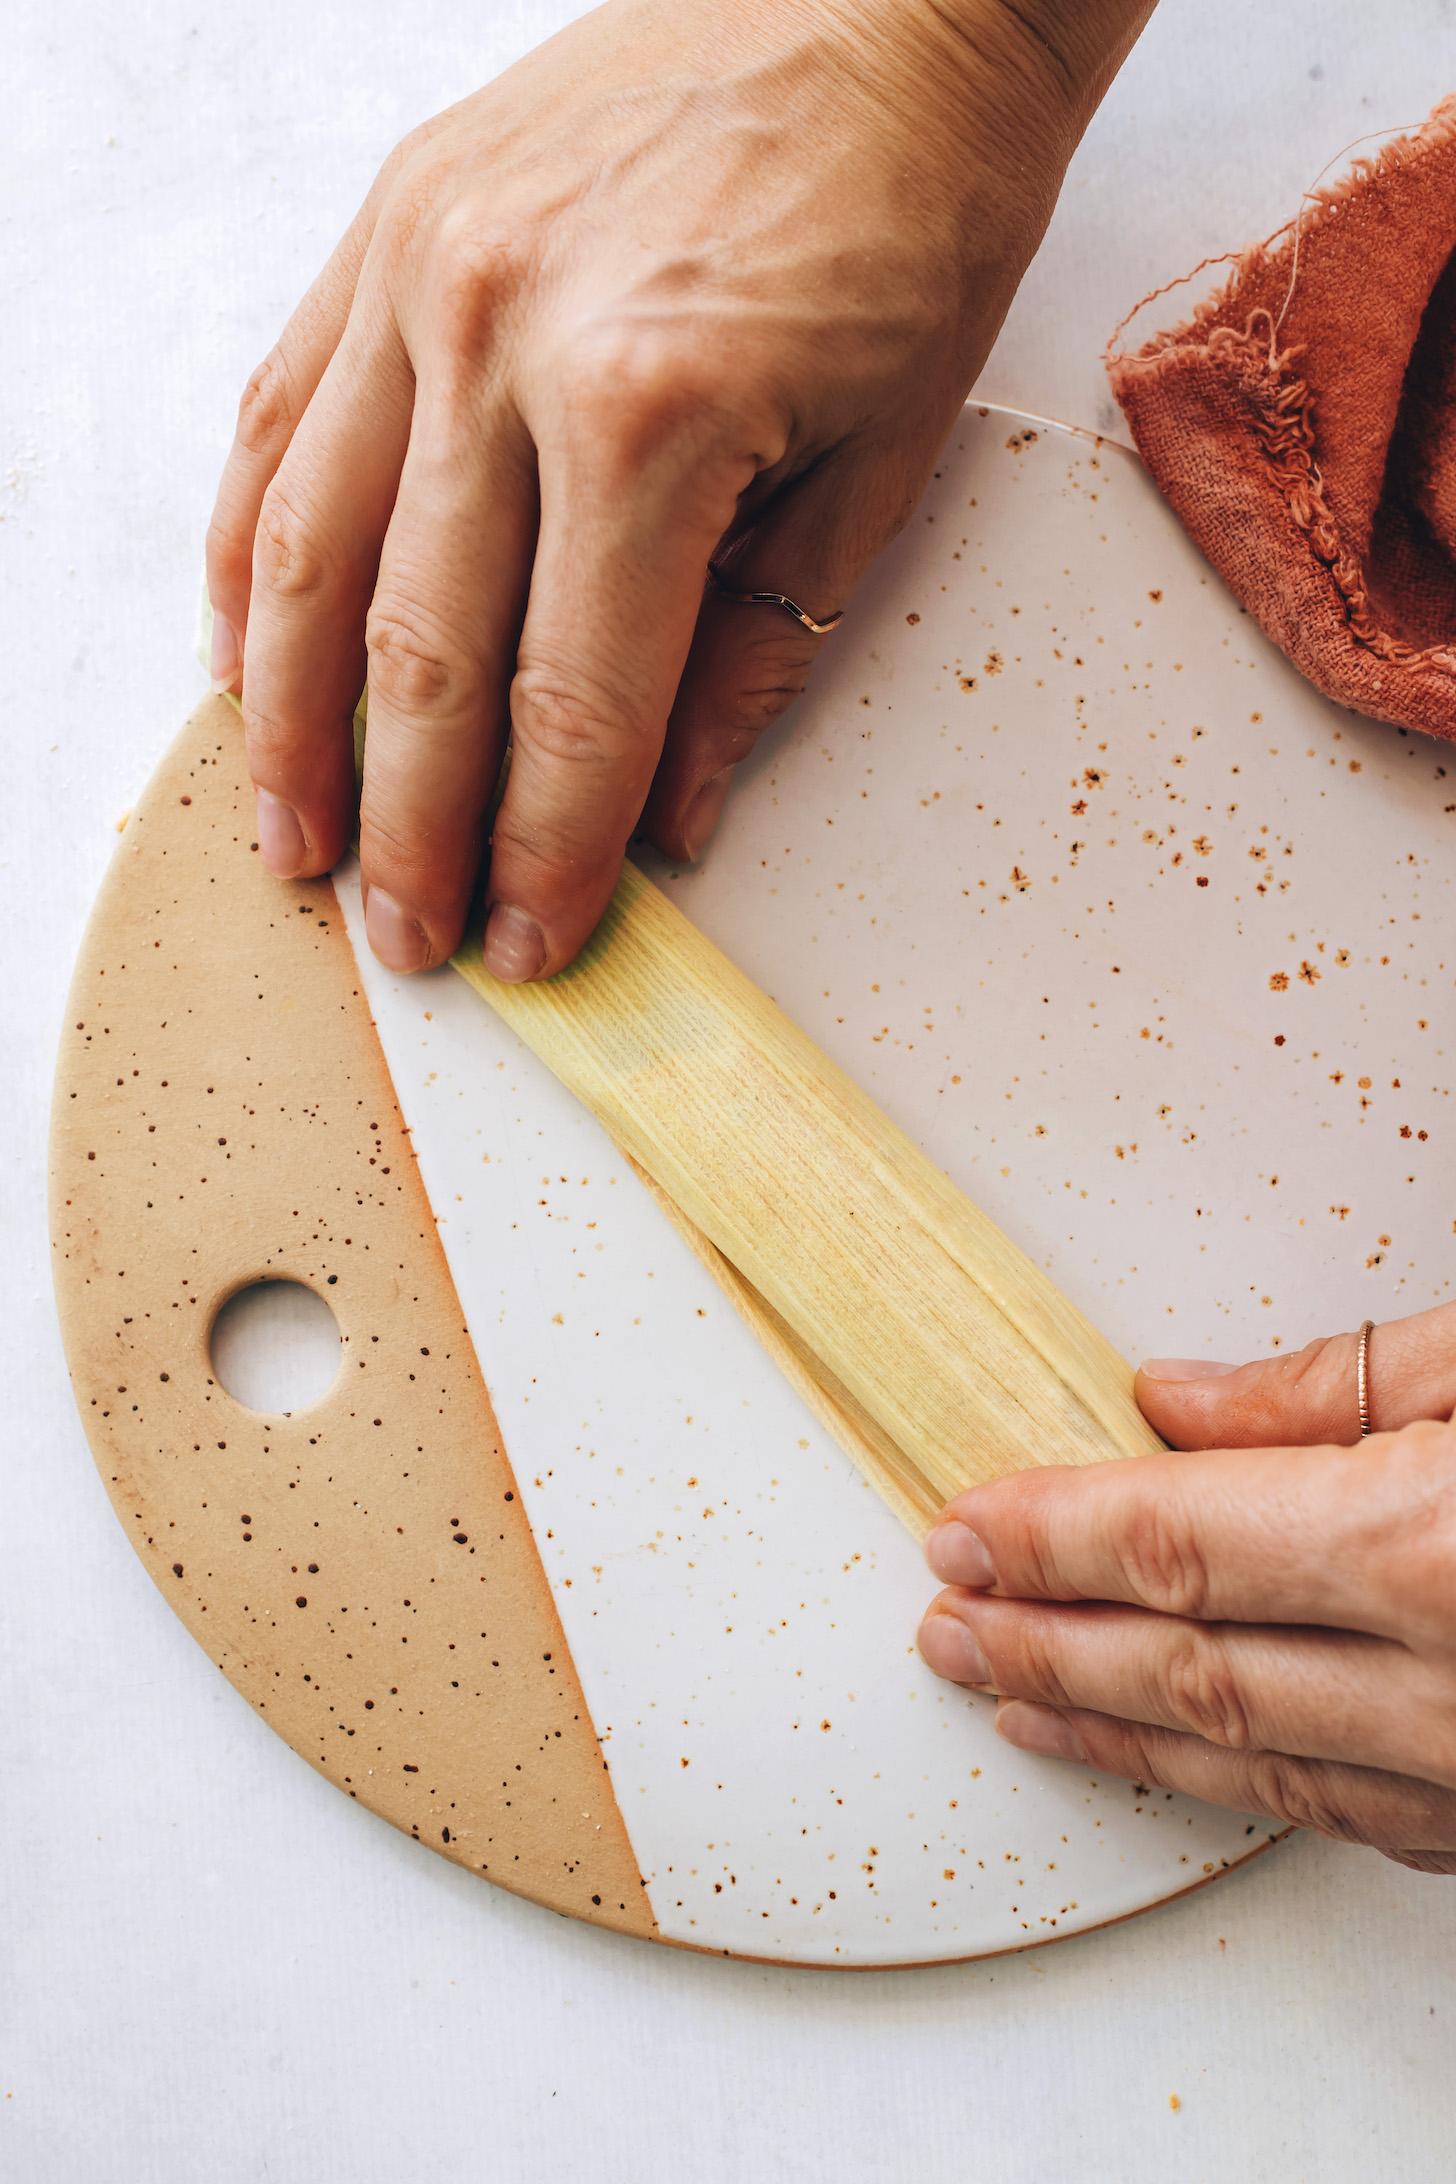 Mısır kabuğuna sarılmış Tamale